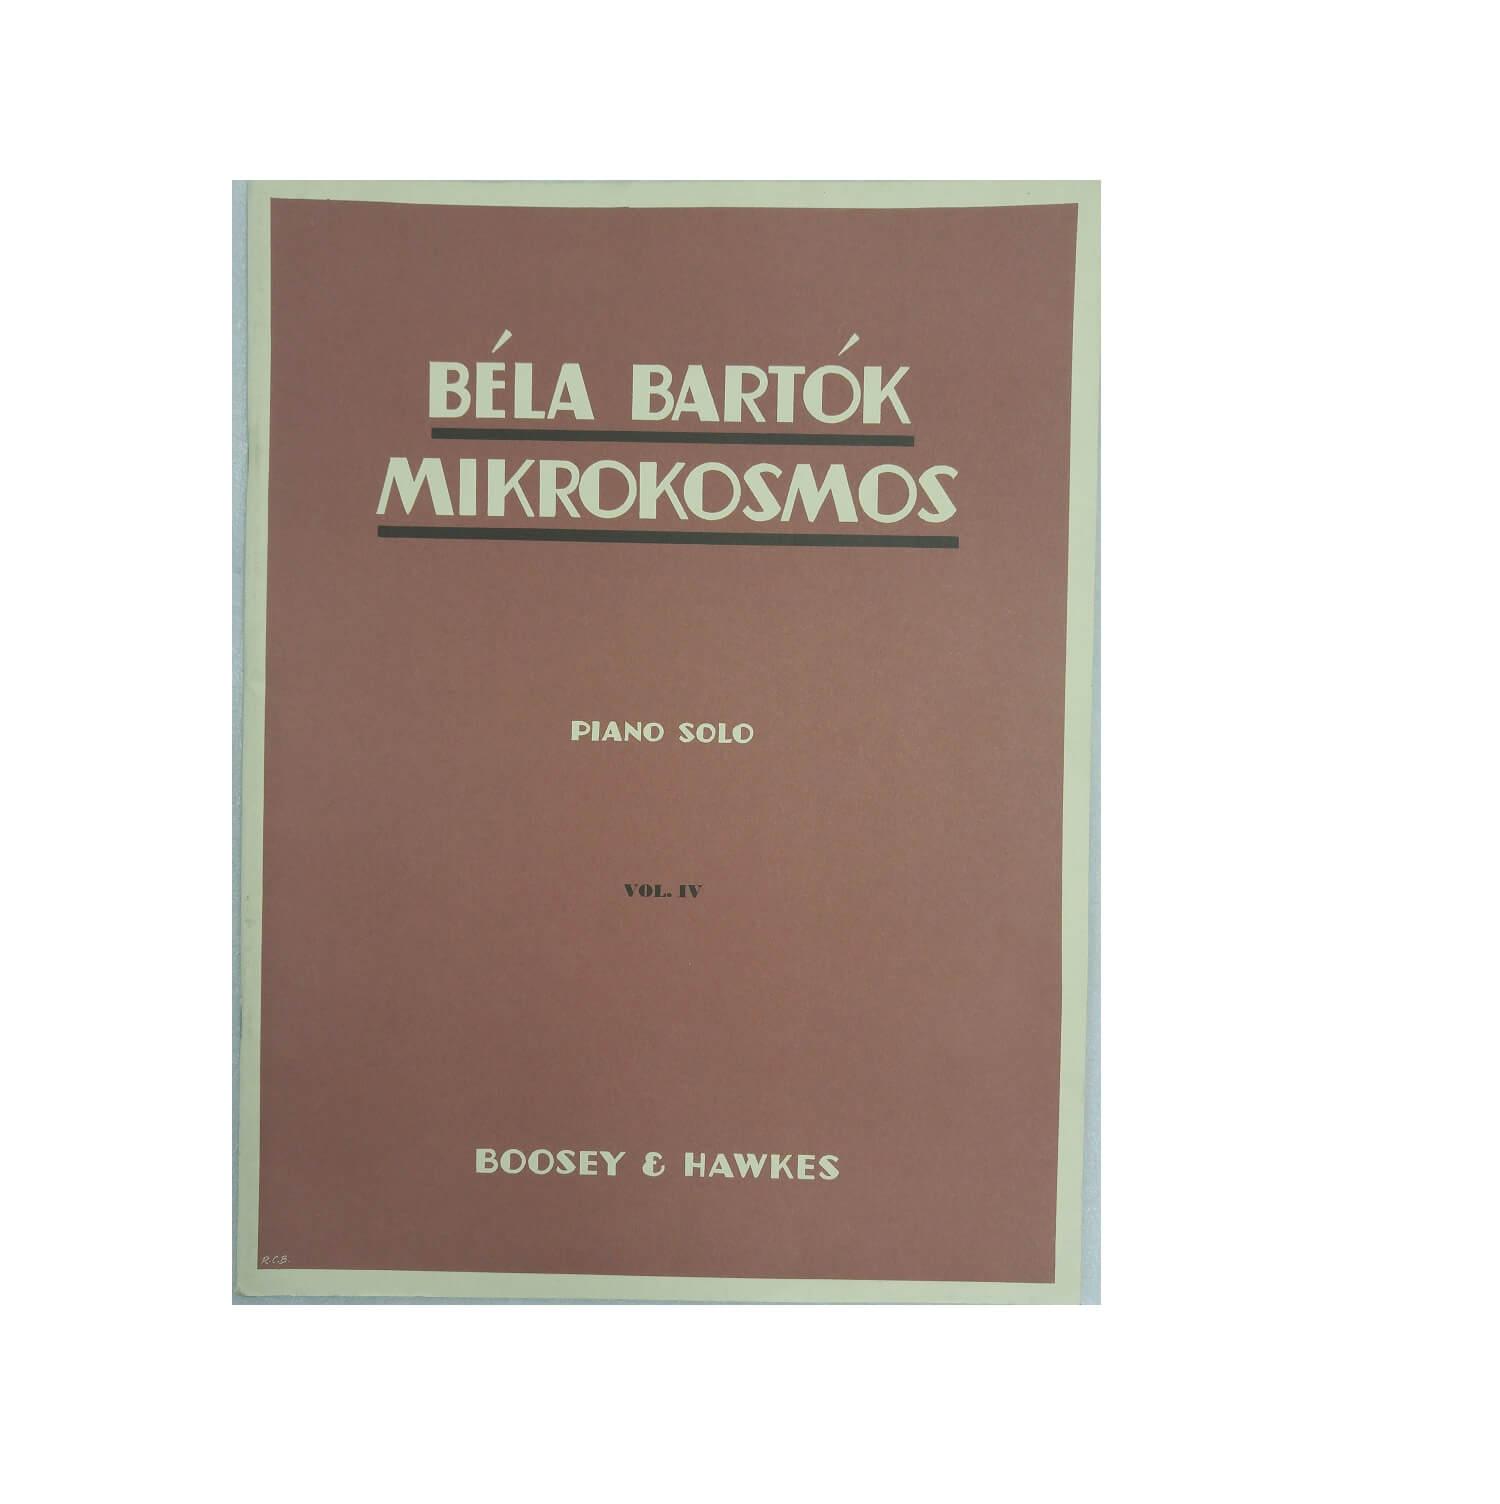 Béla Bartók Mikrokosmos Piano Solo Volume 4 - Boosey e Hawkes